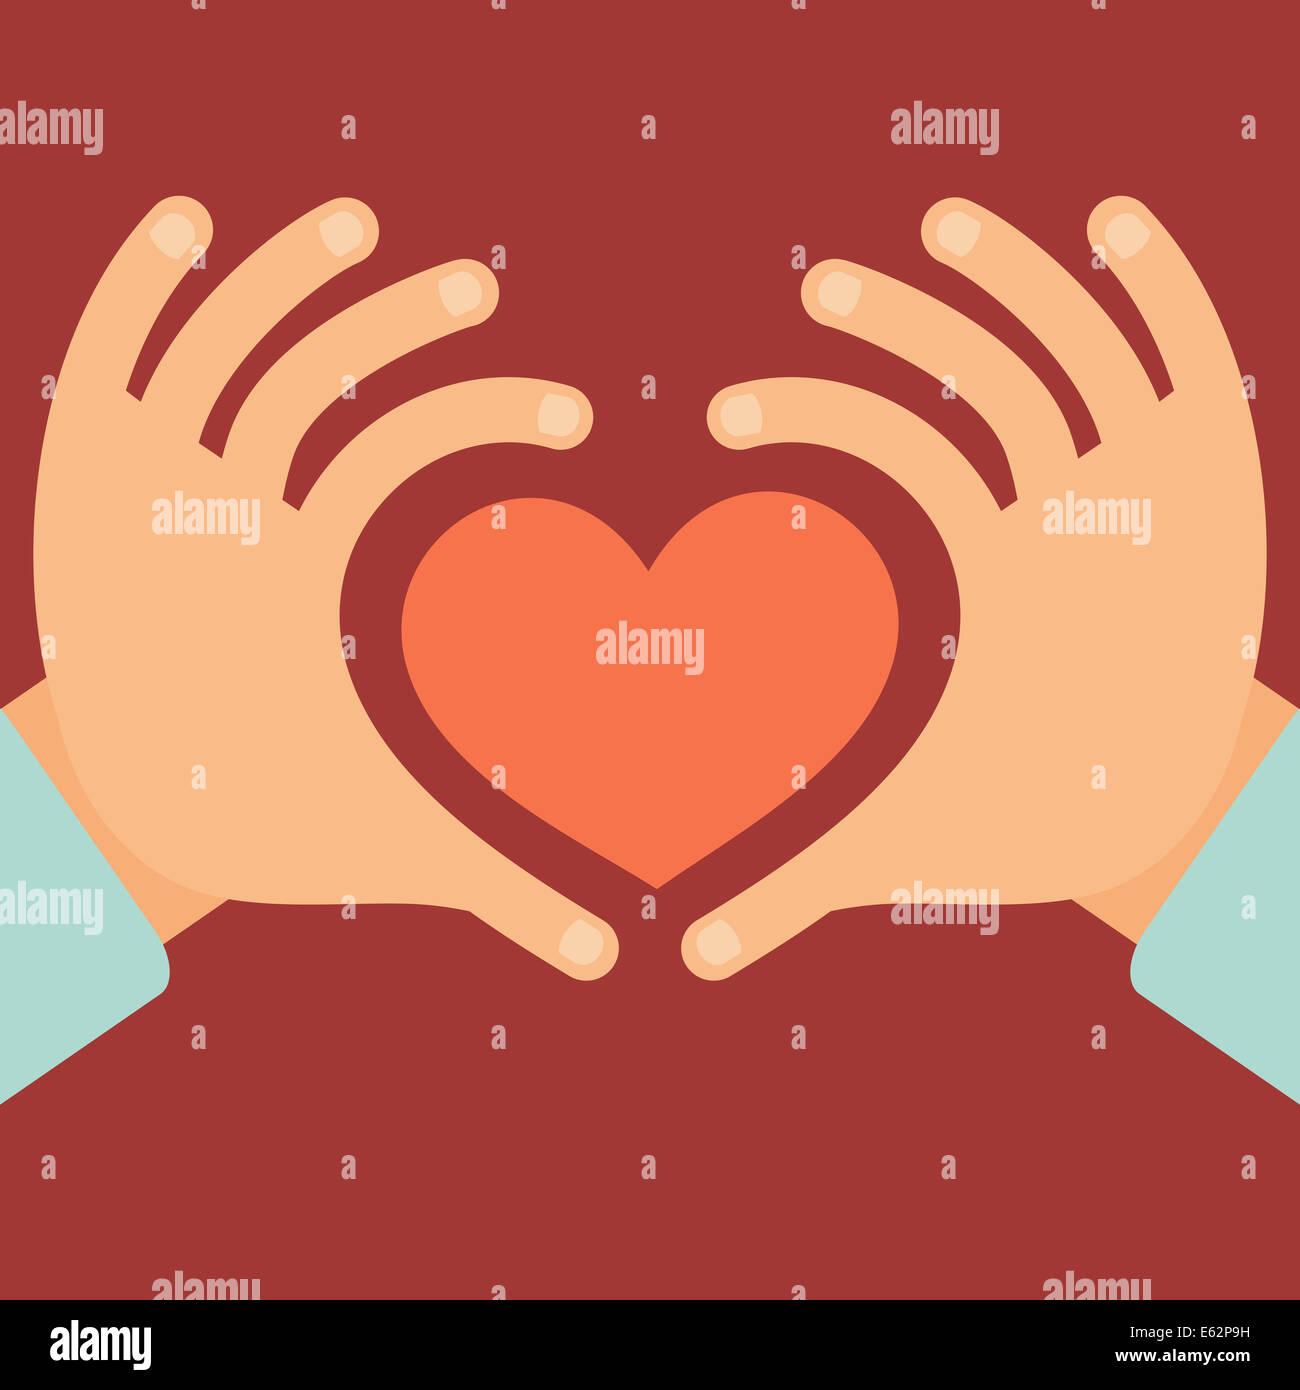 Hände in Form von Herz - Liebe und Nächstenliebe Konzept im flachen Stil Stockbild